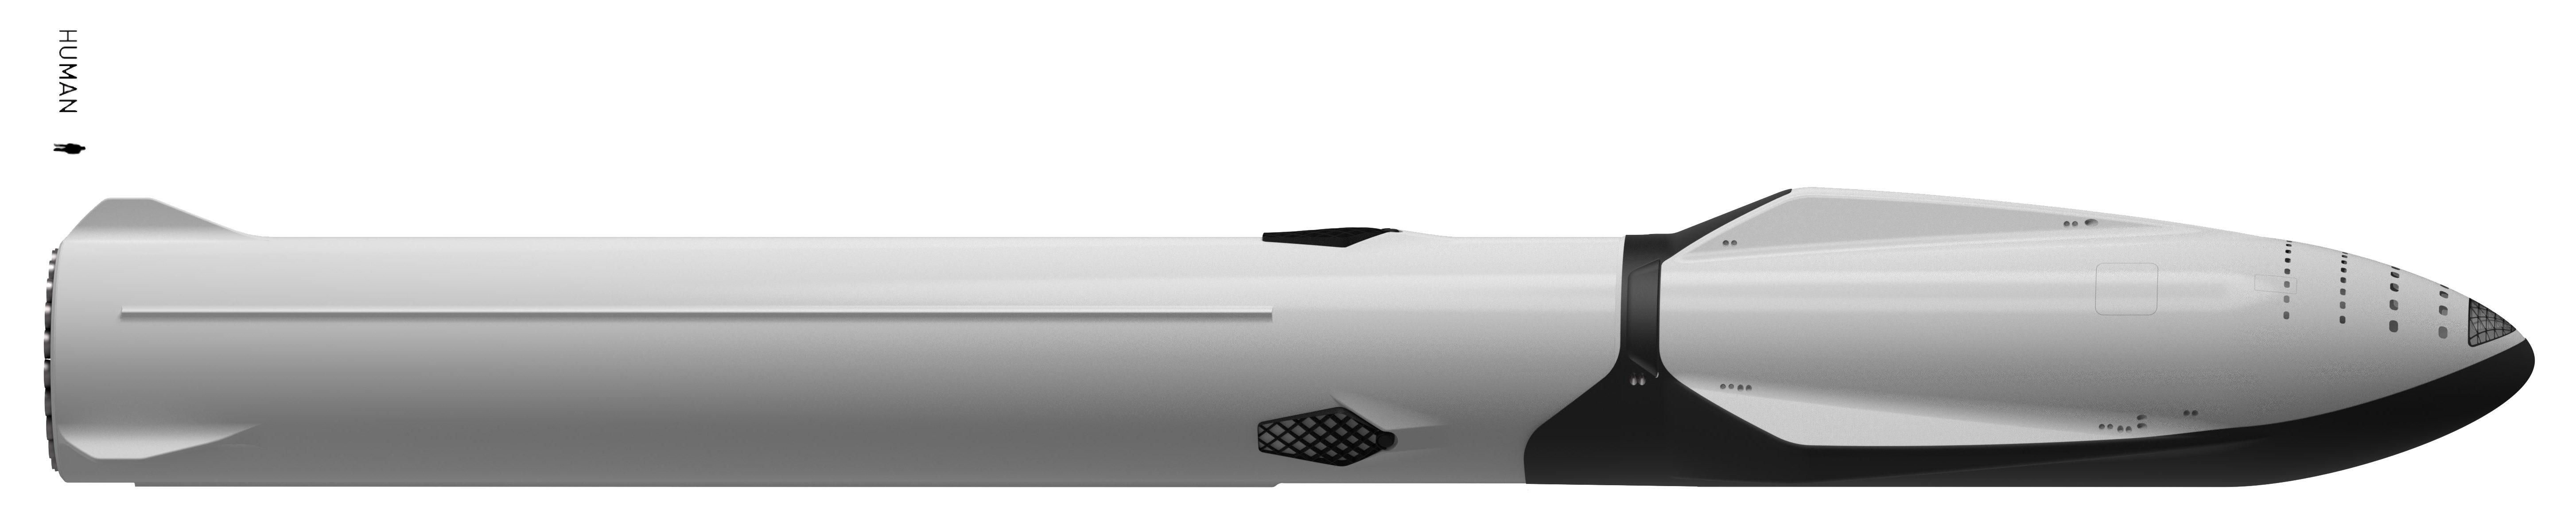 BFR-1